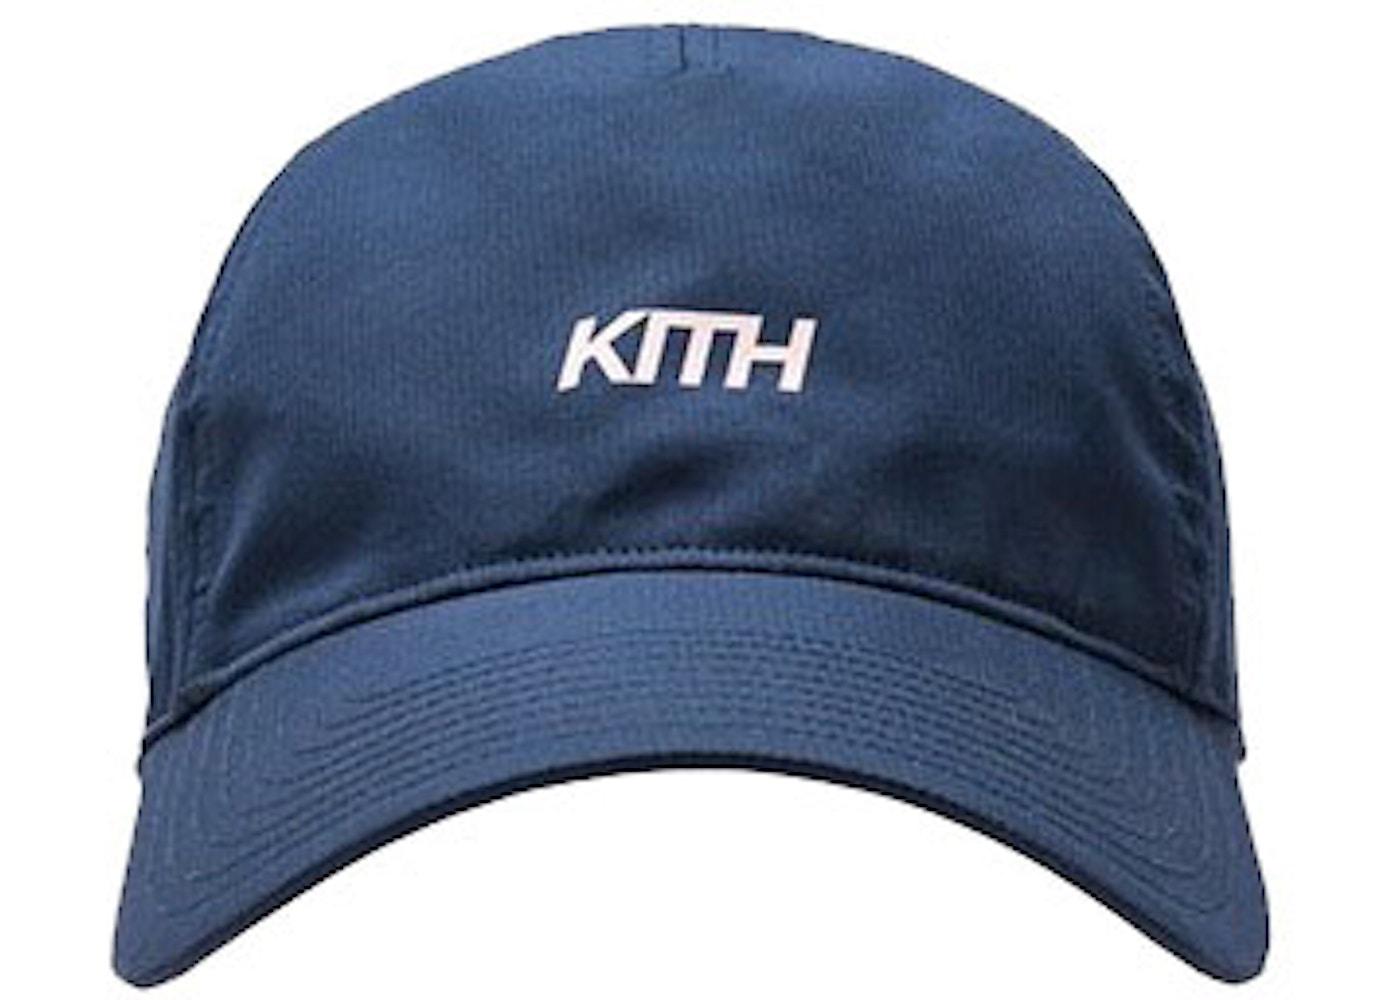 2928a46f Streetwear - Kith Accessories - New Highest Bids